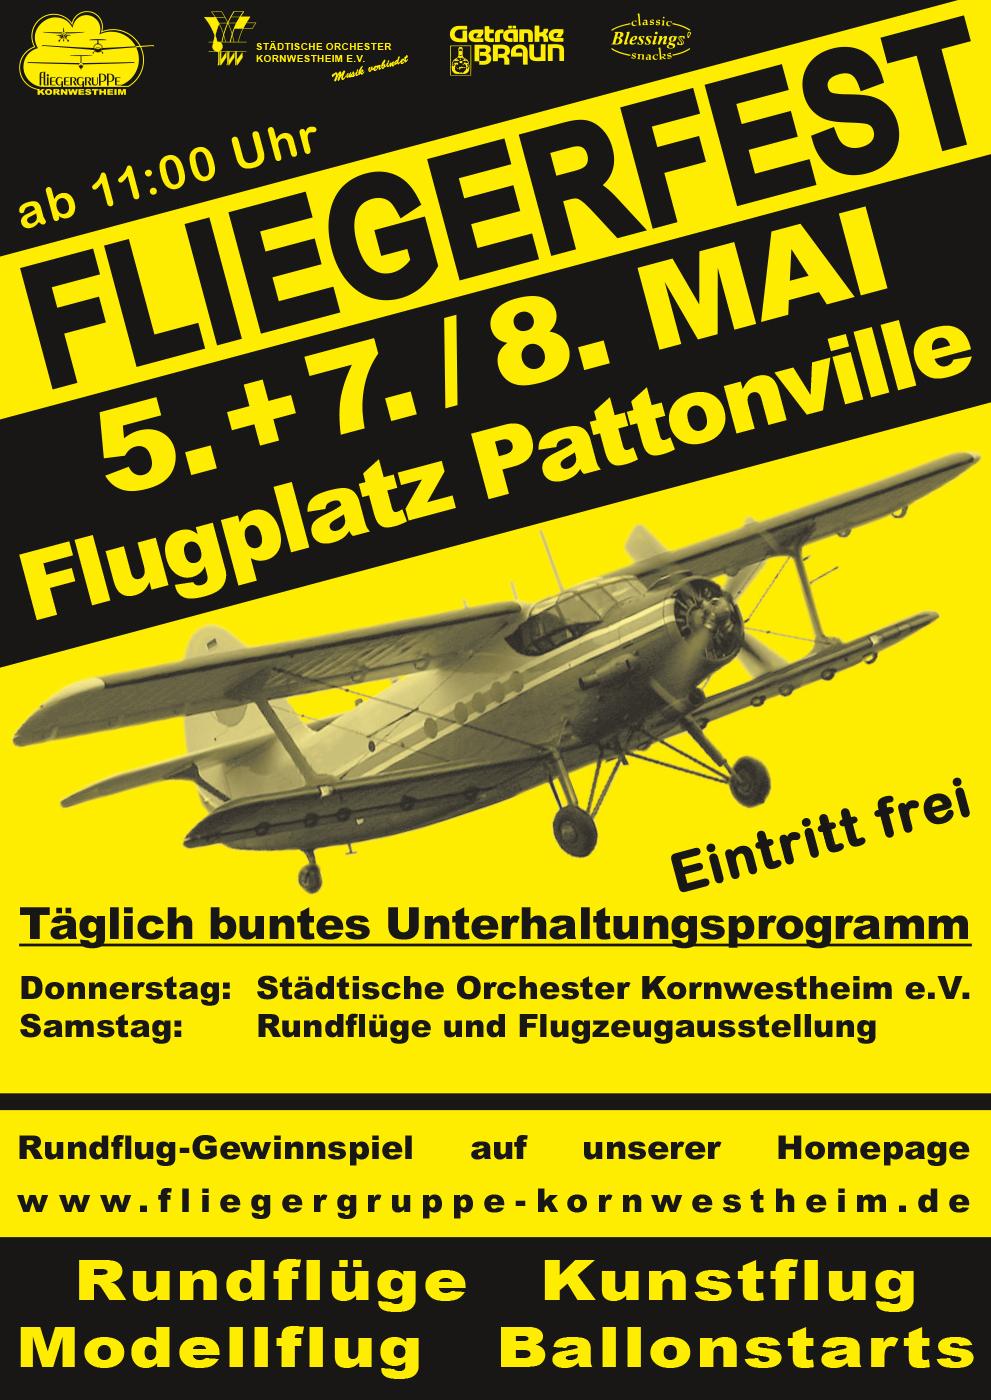 Fliegerfest Kornwestheim Flugplatz Pattonville 2016